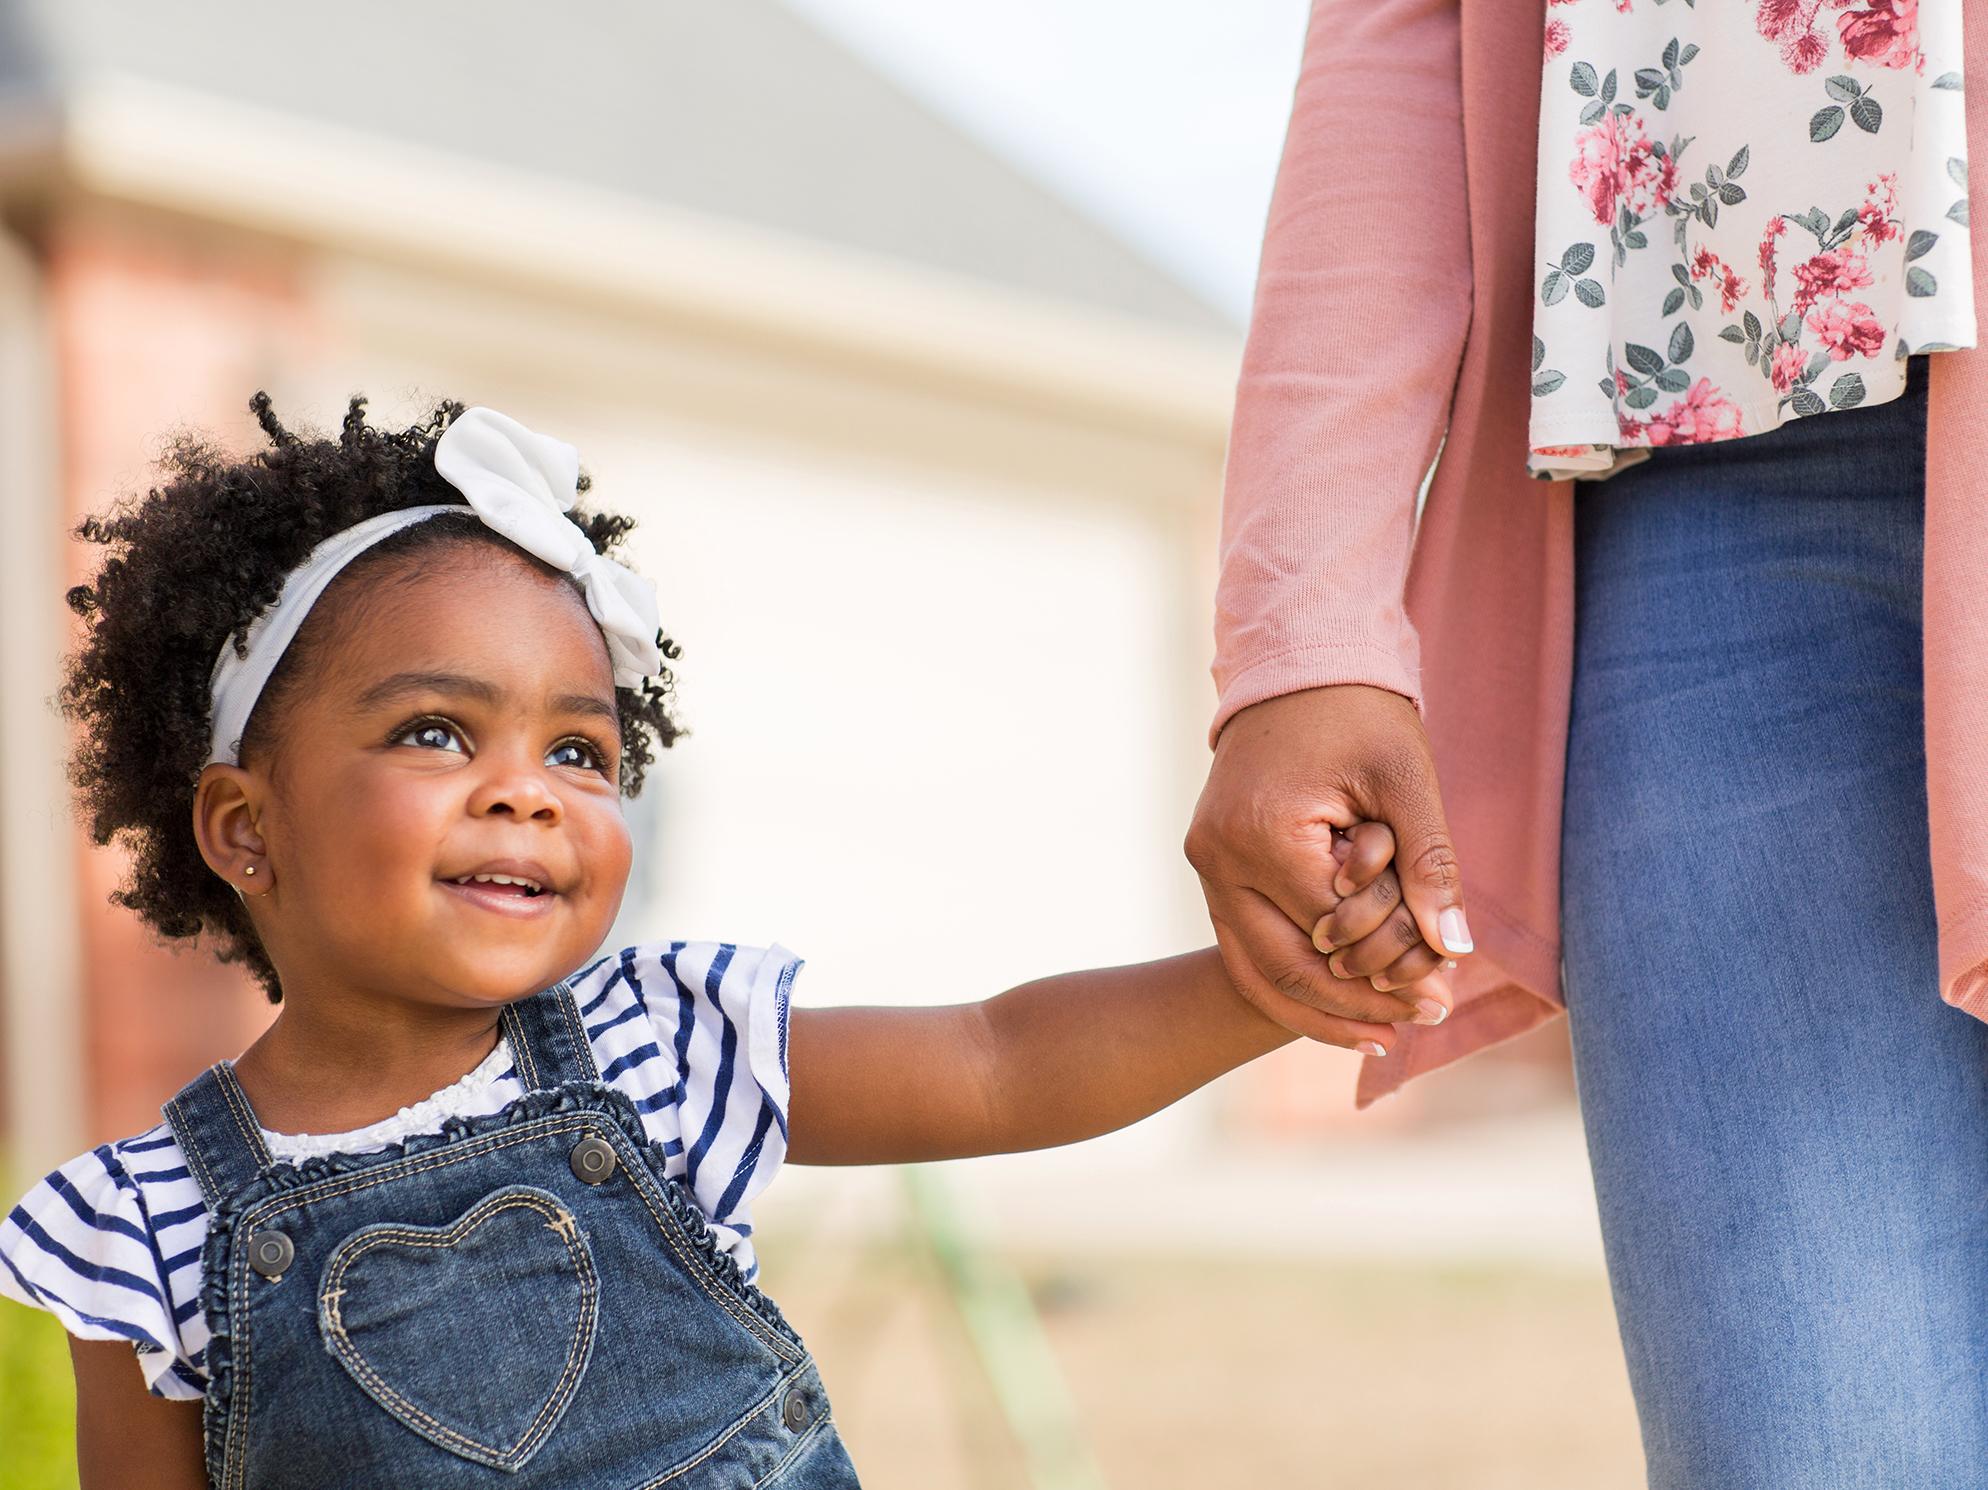 Verantwortung: Erwachsene Frau hält die Hand eines Kindes